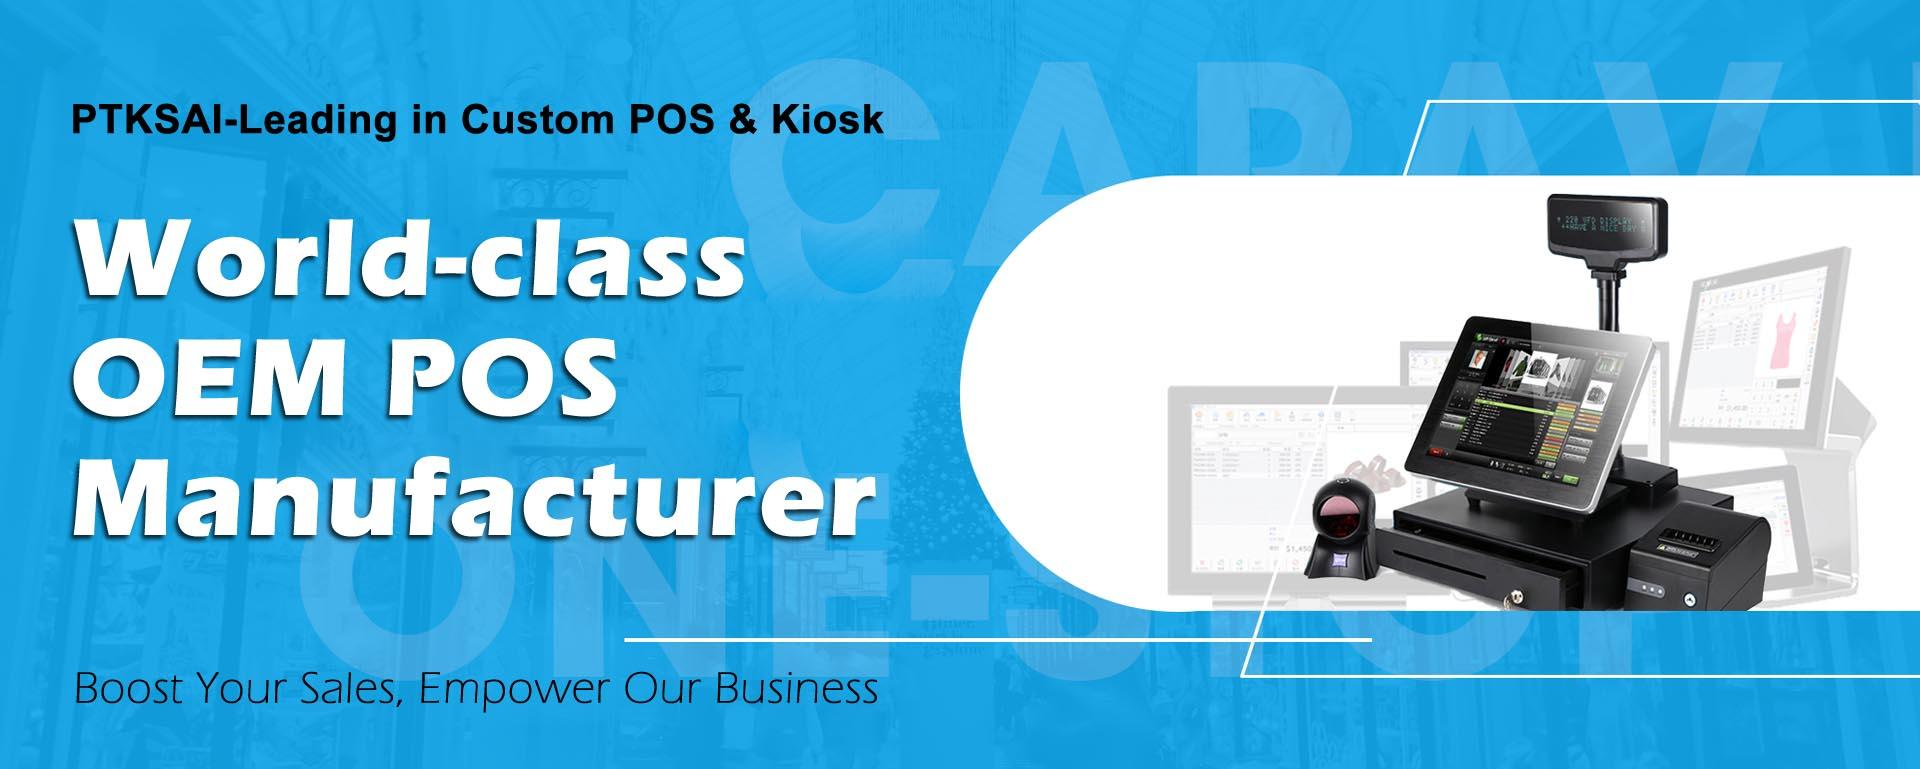 pos manufacturer PTKSAI